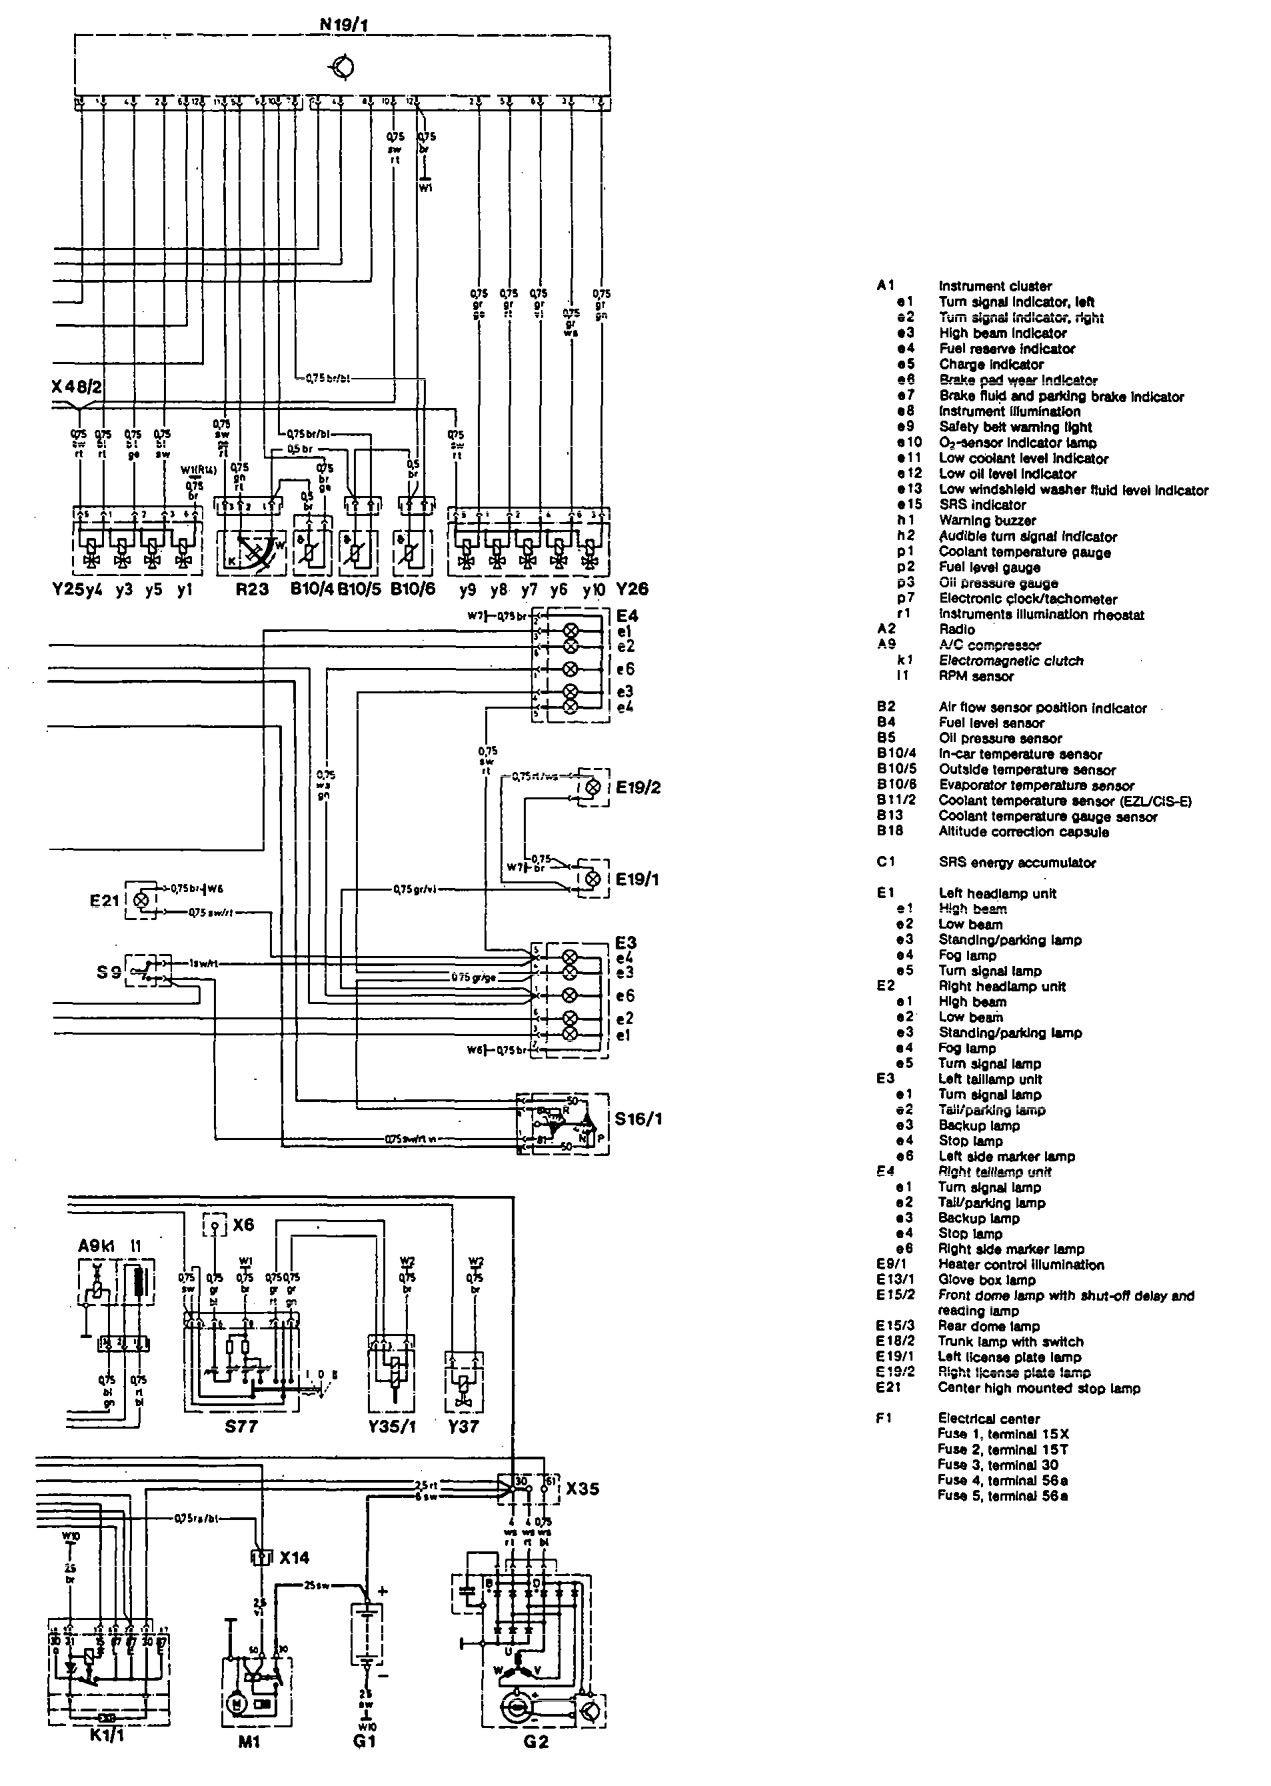 Mercedes Benz 190e  1993  - Wiring Diagrams - Fuel Controls